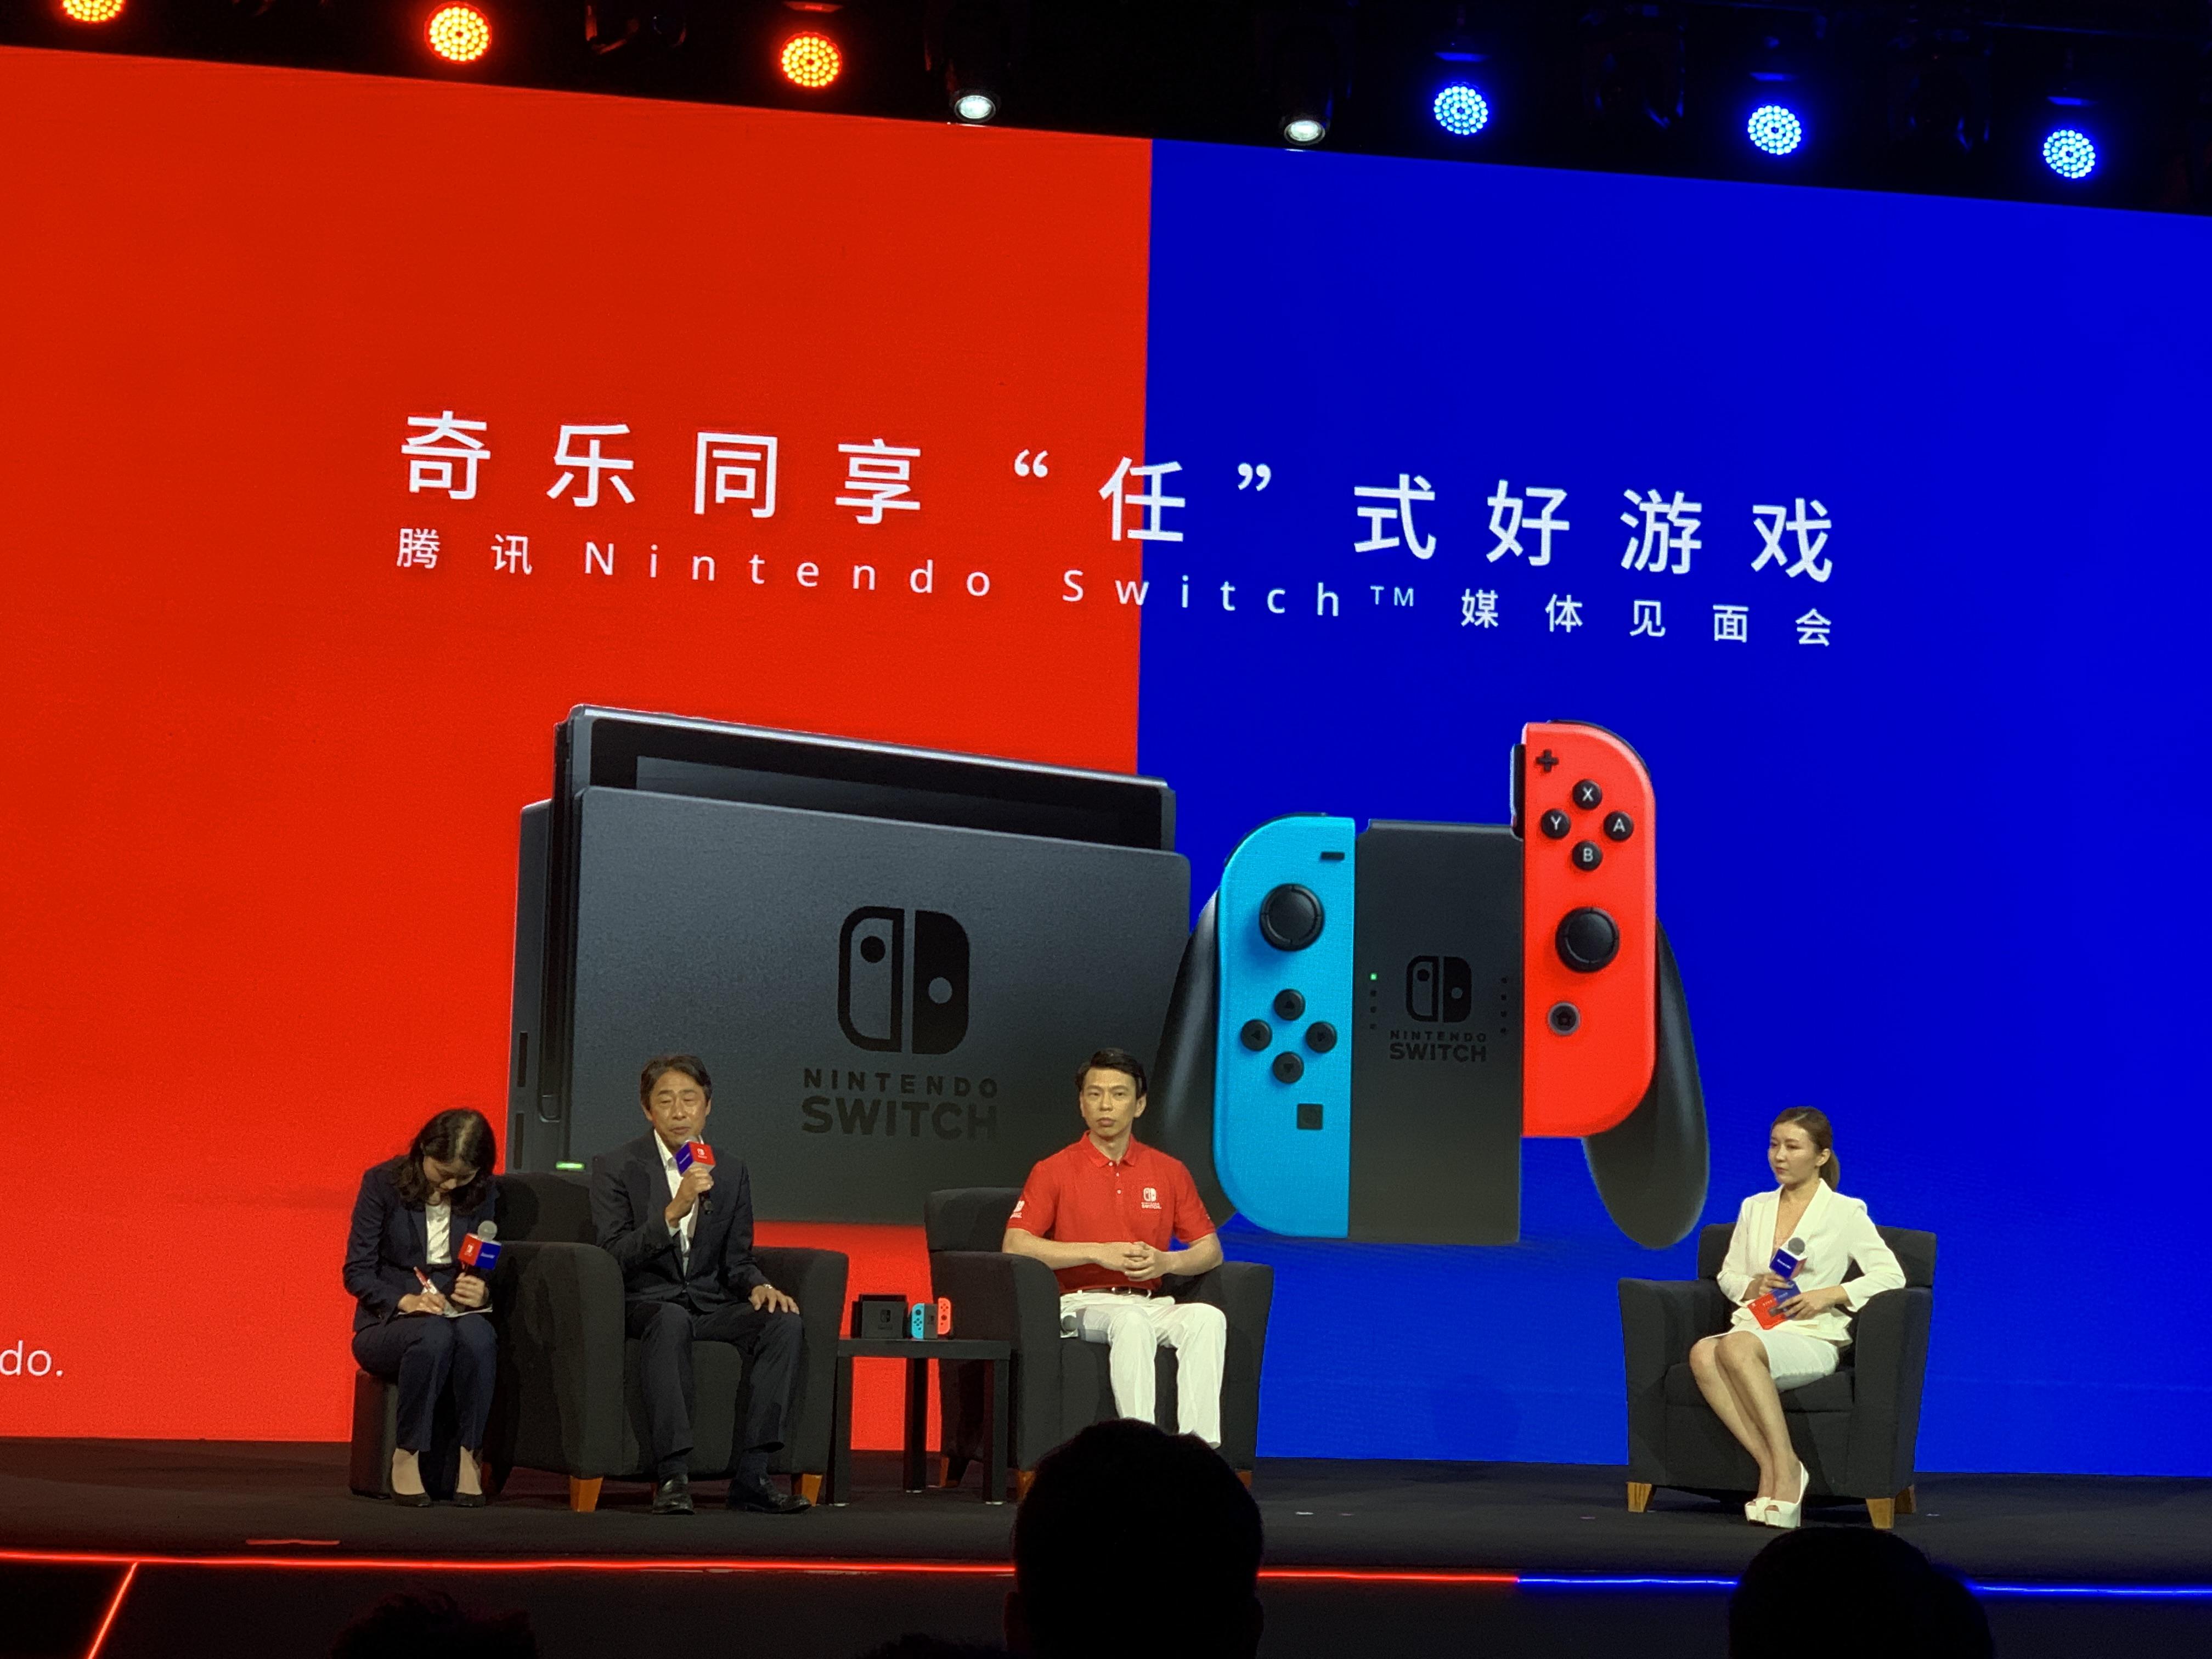 腾讯:将在国内发行NS游戏,国行版NS将支持微信支付